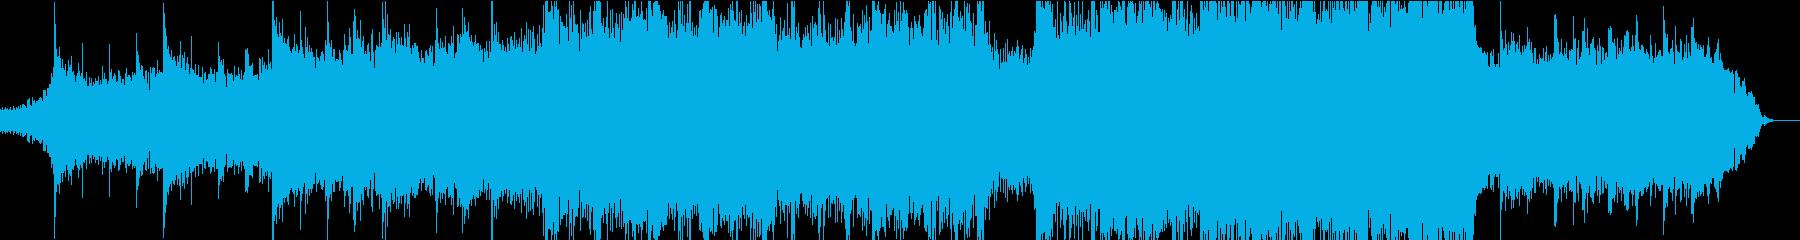 エレクトロ 交響曲 プログレッシブ...の再生済みの波形